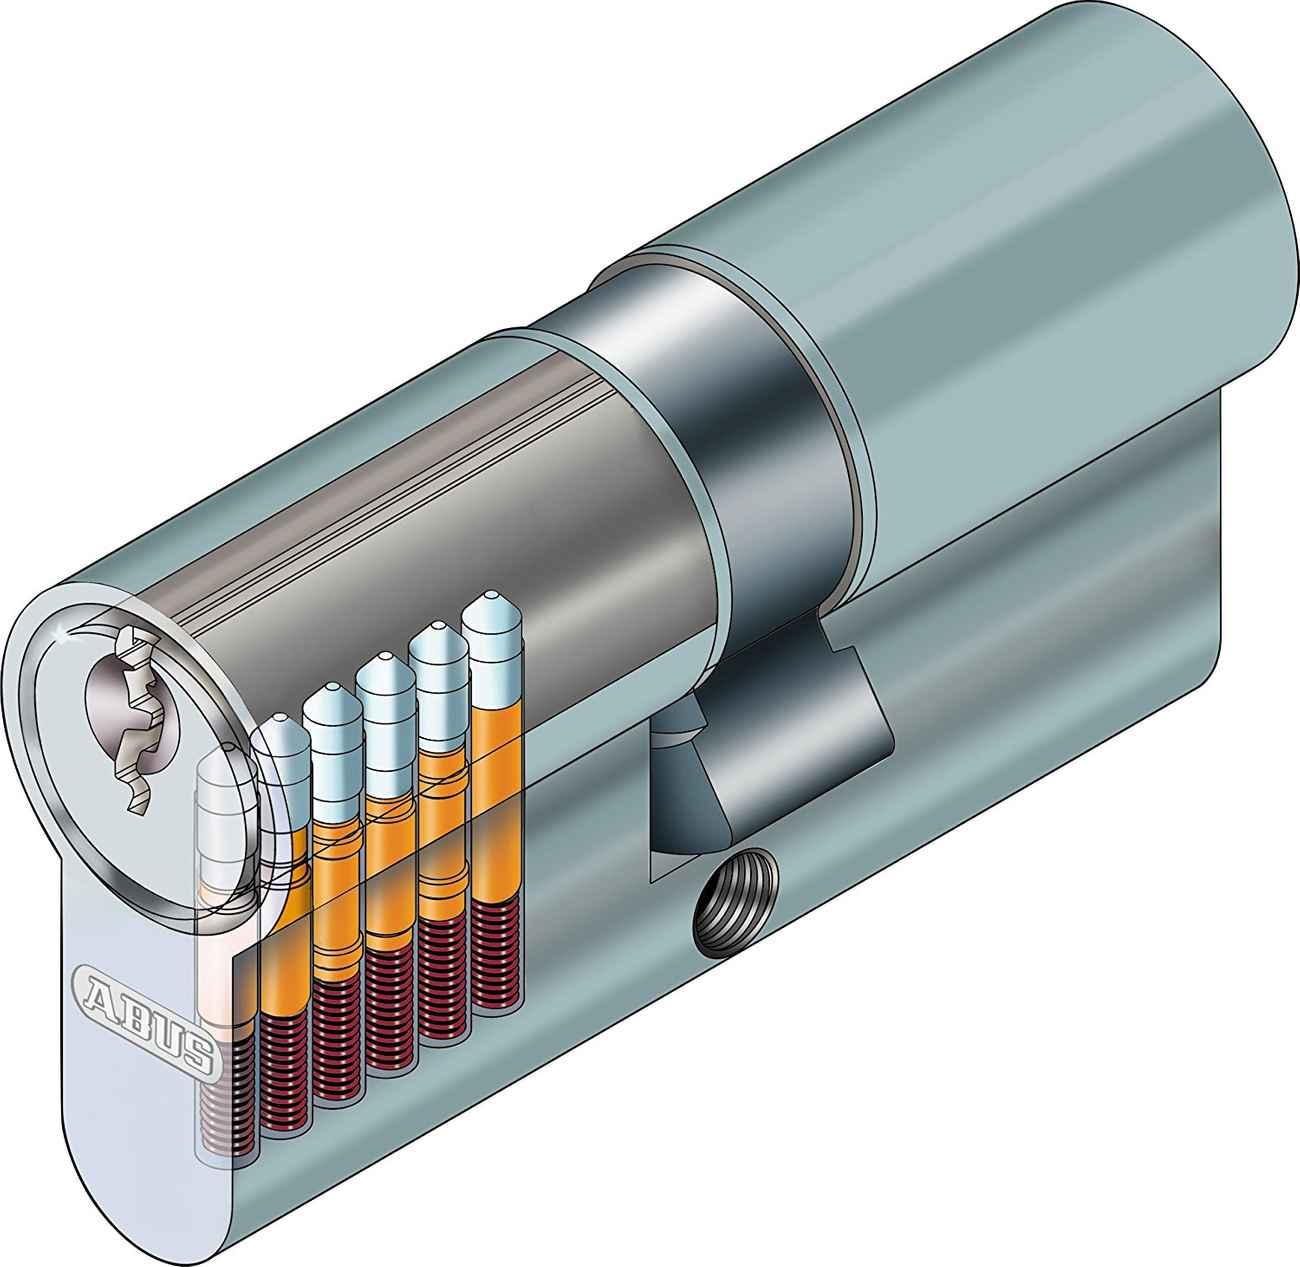 ABUS Profilzylinder E30NP Länge 30/45 Türzylinder mit Profilschlüssel - Doppelzylinder – Bild 3